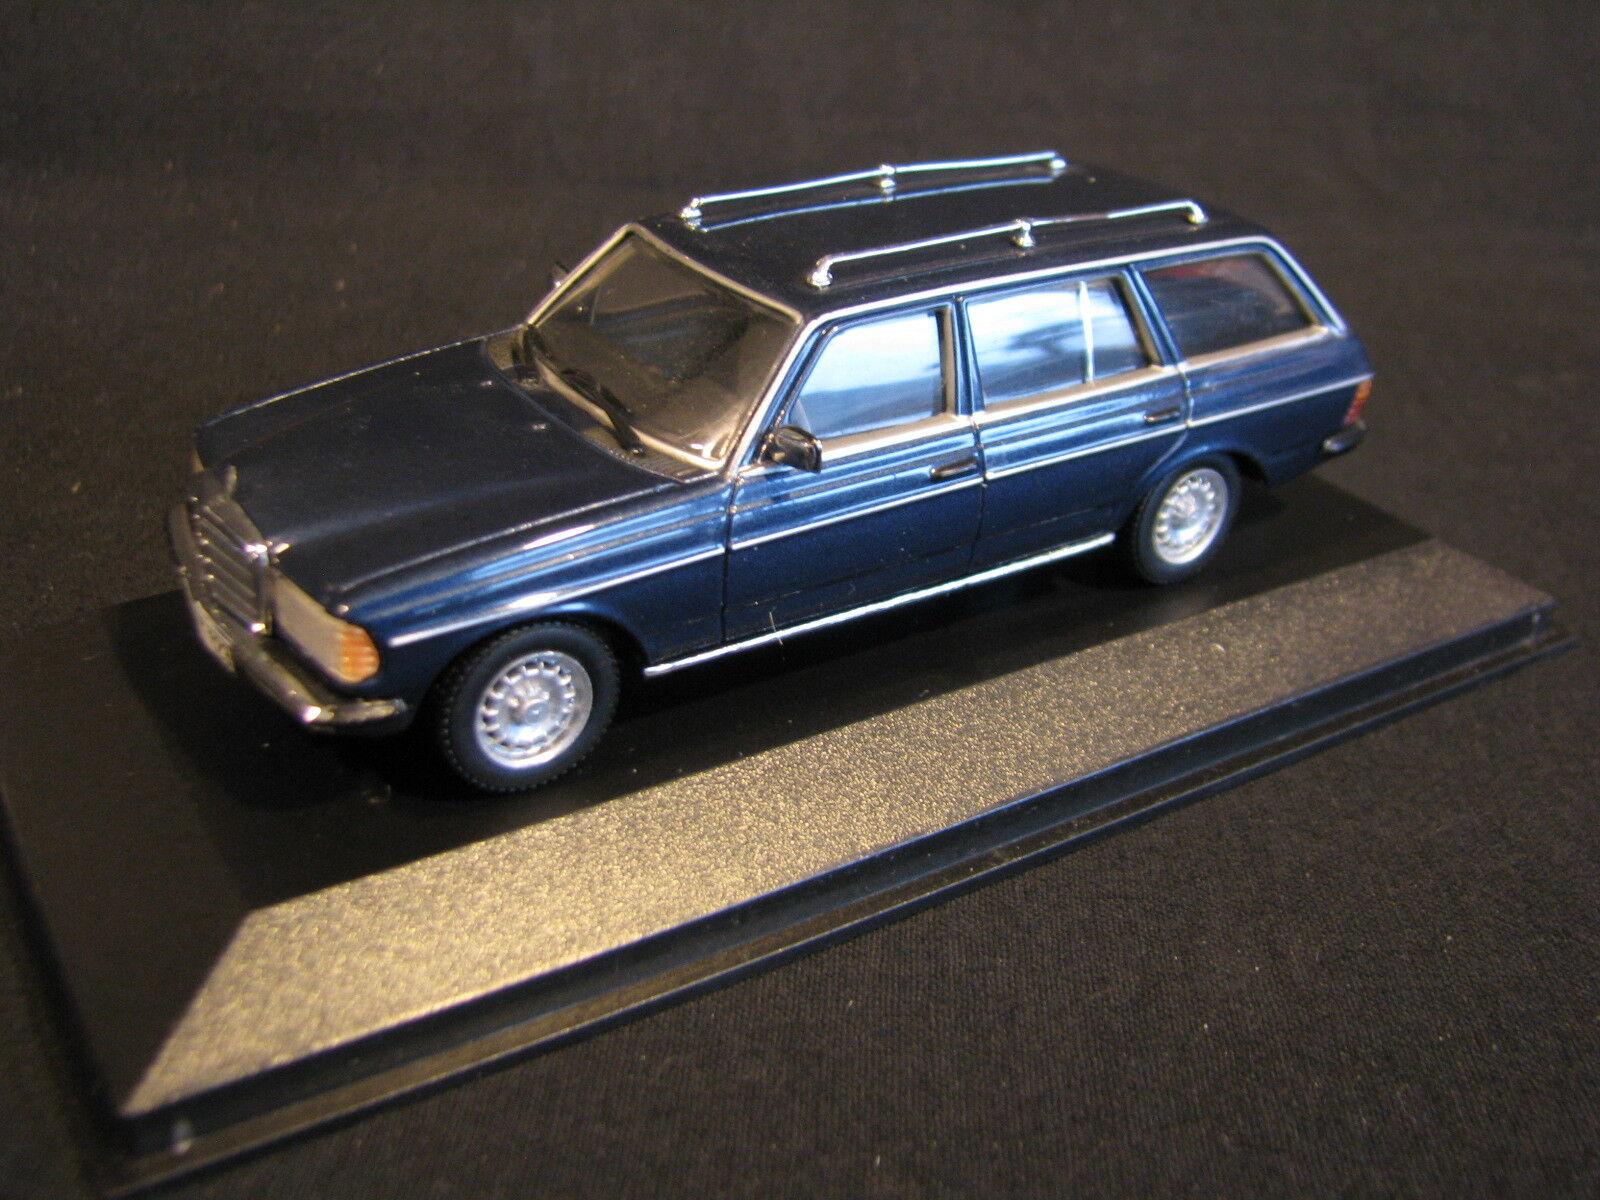 Minichamps Mercedes-Benz W123 T-Modell 1 43 bluee (JvM)